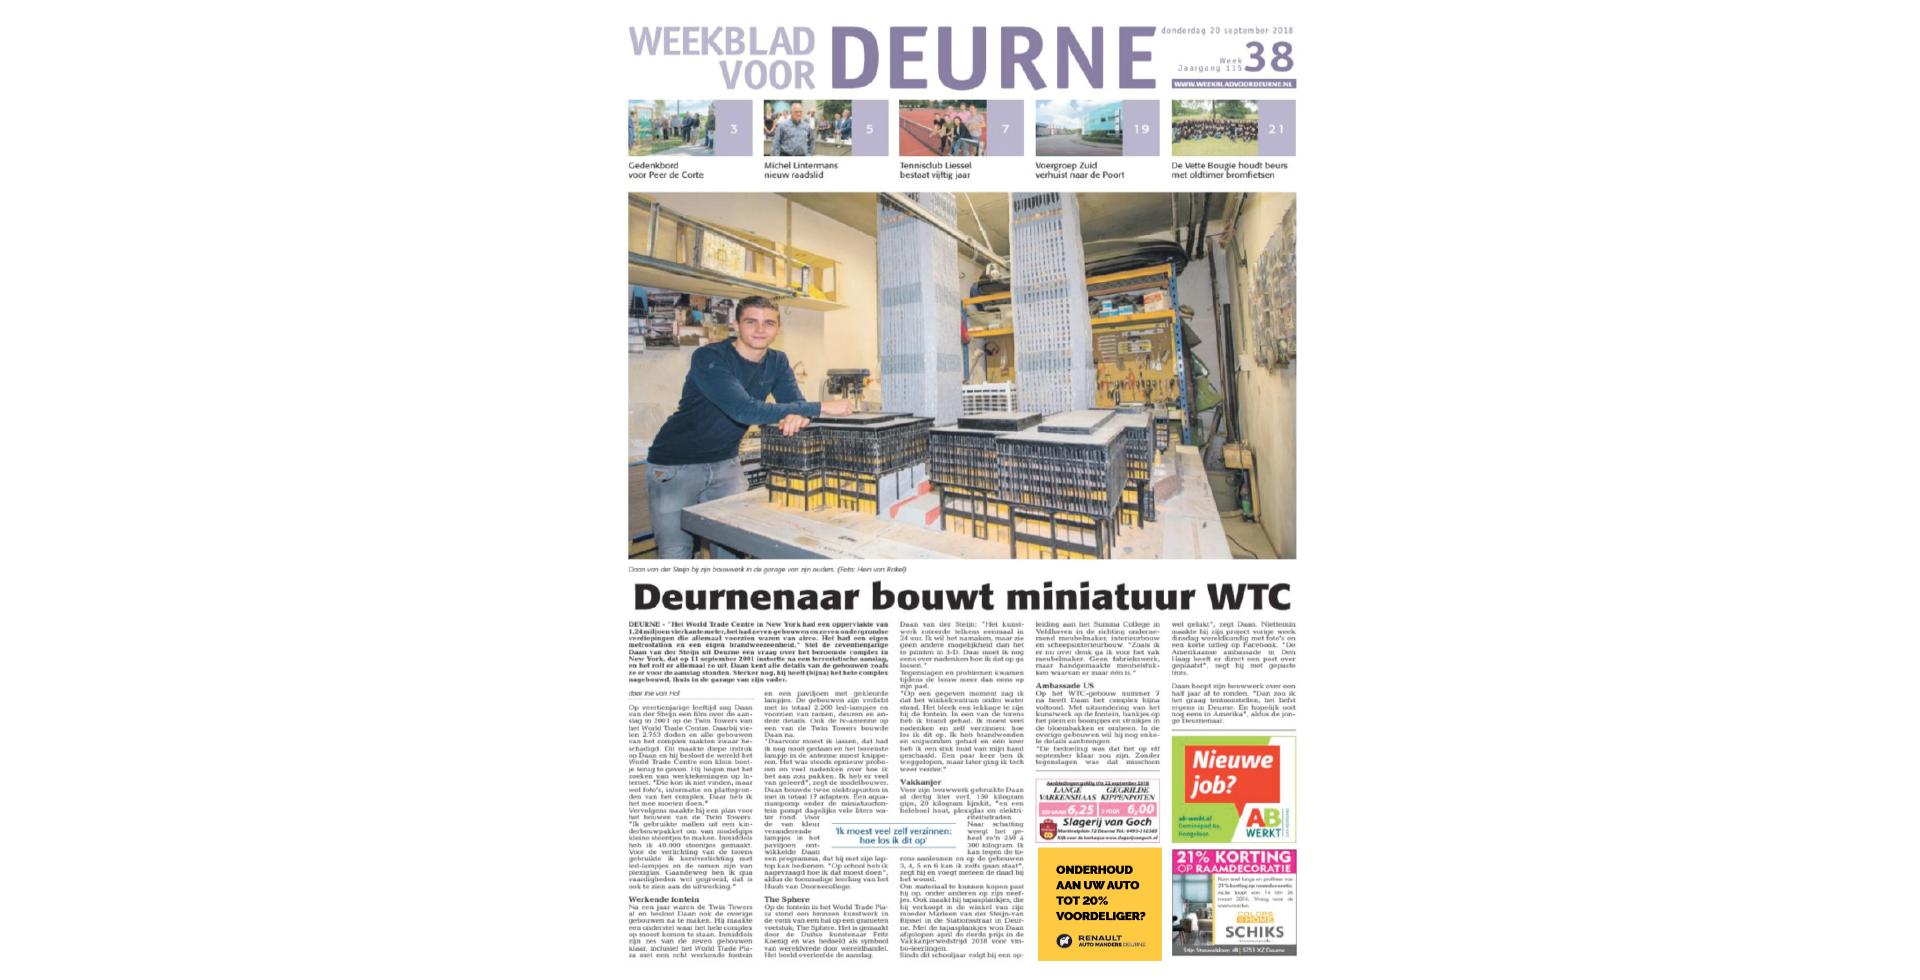 weekblad-voor-deurne-advertentie-Spiegel-crossmedia-communicatie